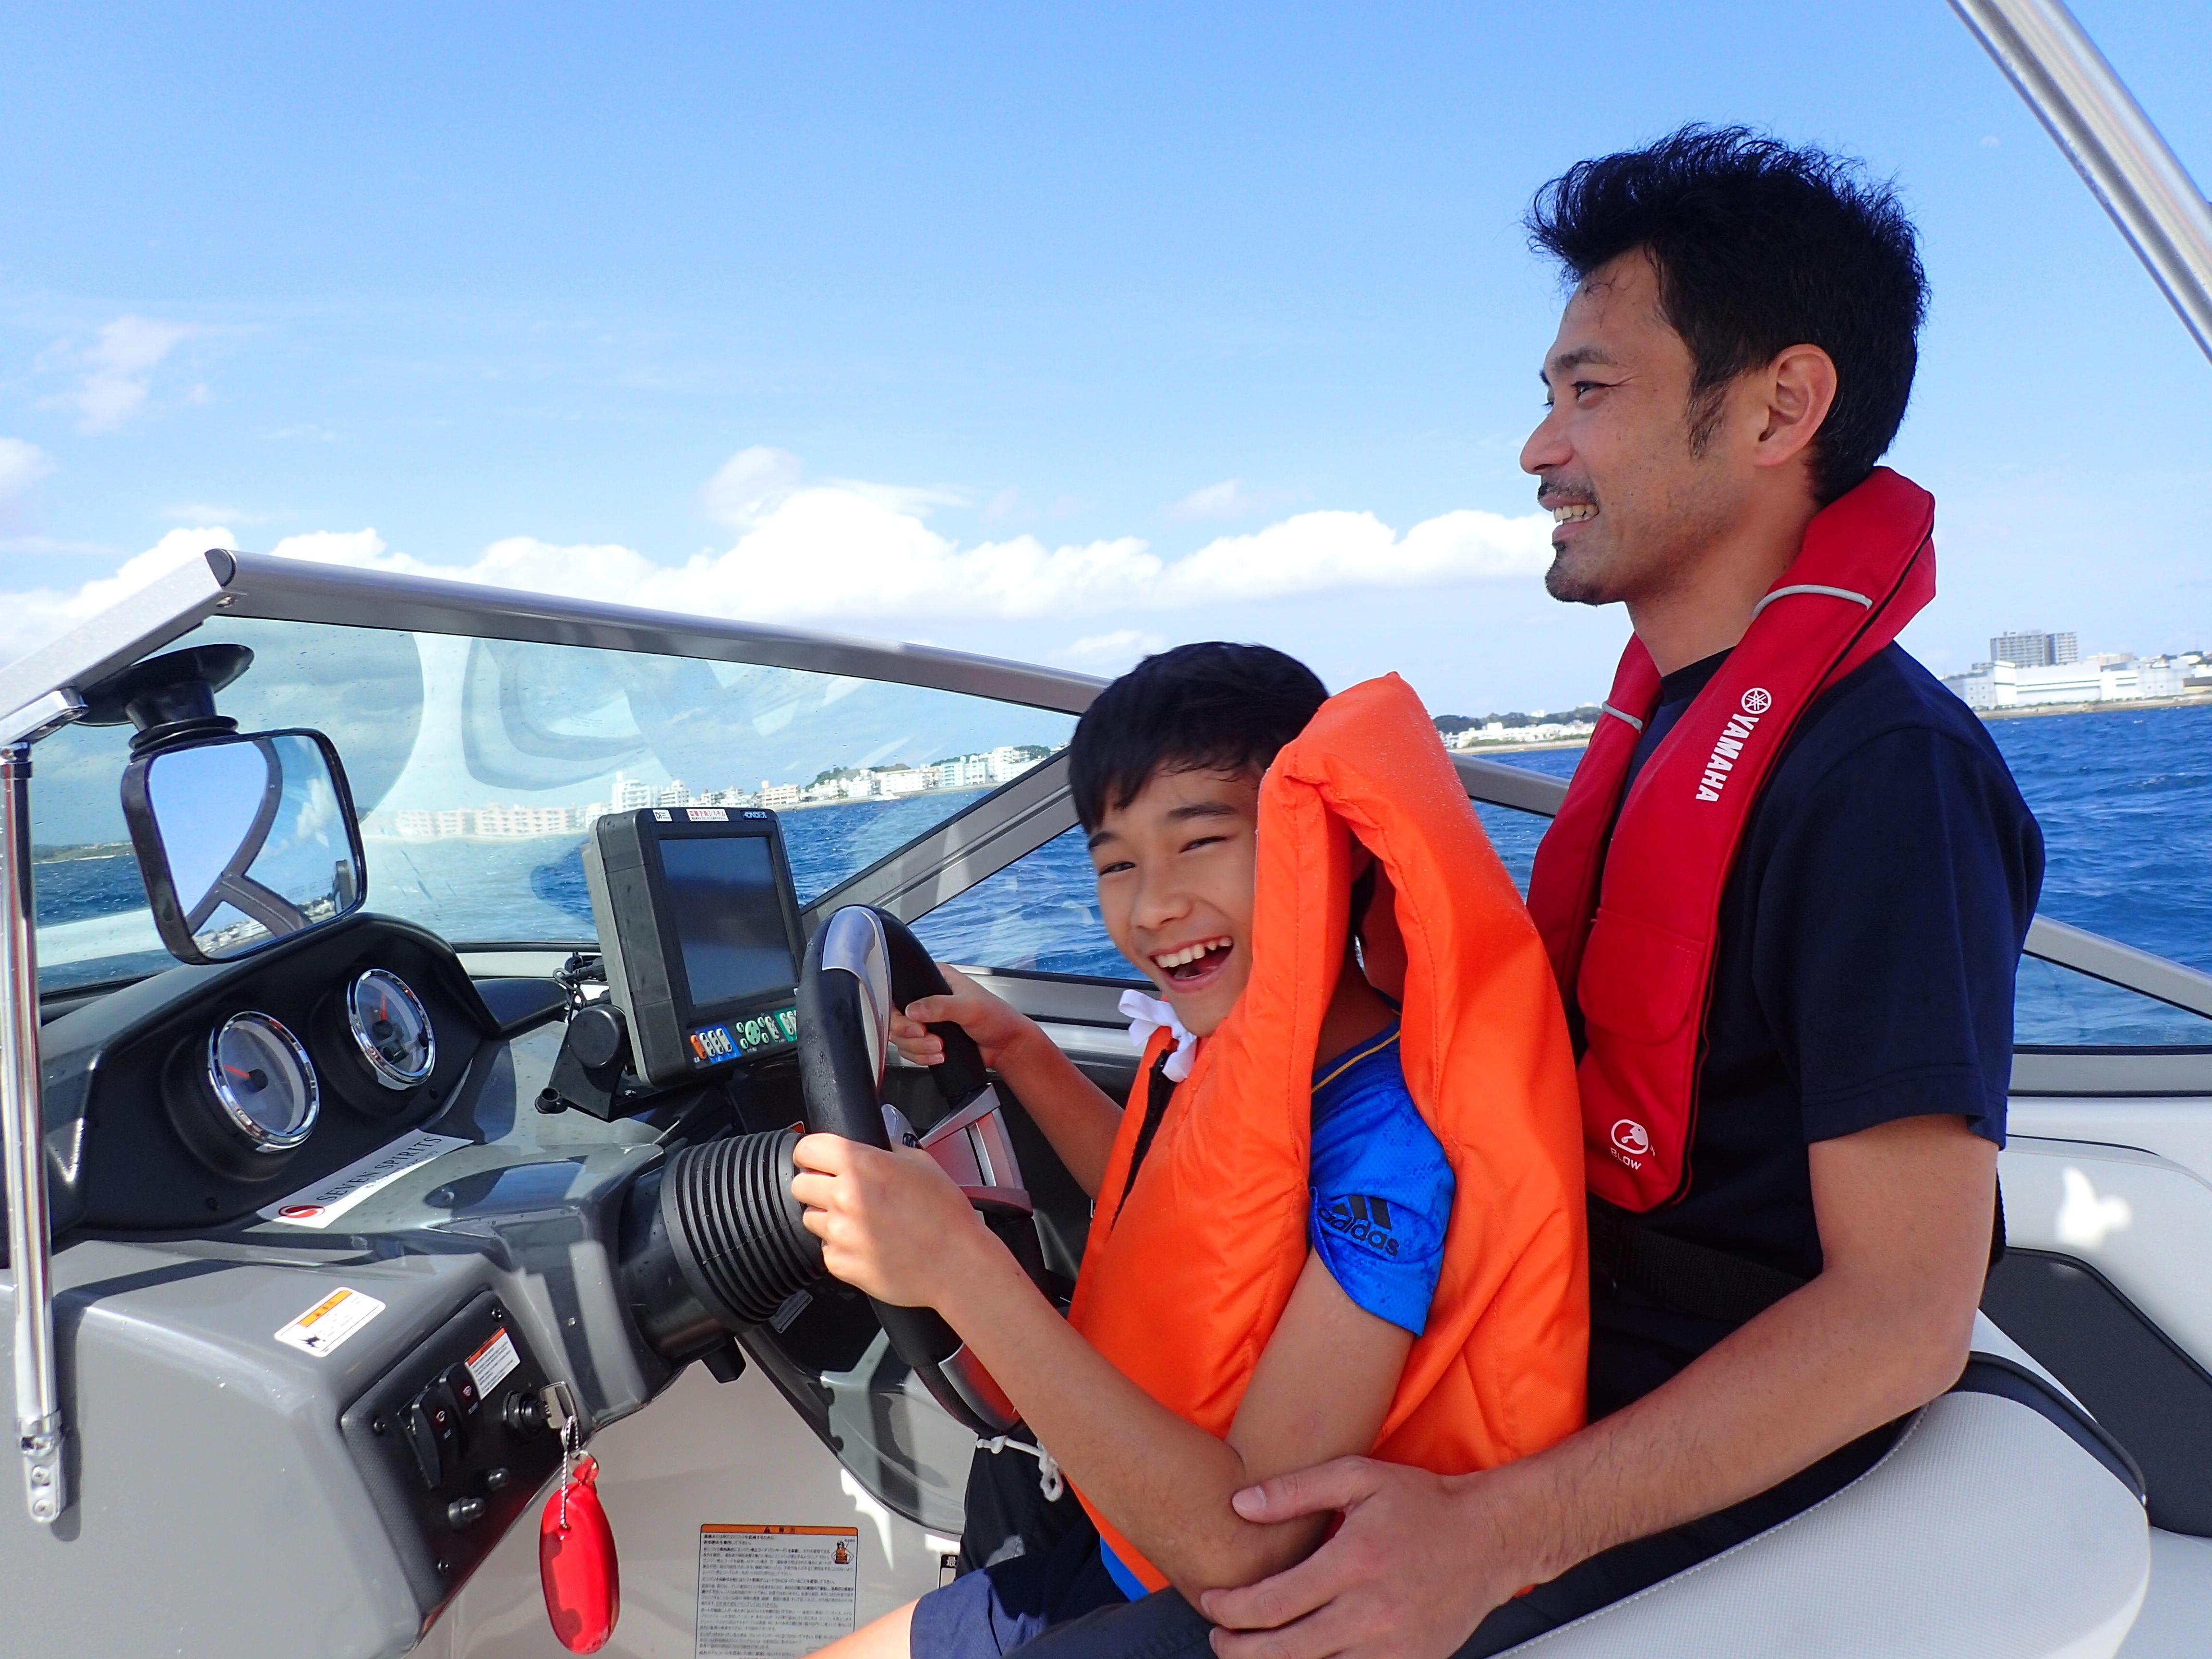 【北谷海上散歩】ボートちょい乗り遊覧(30分)